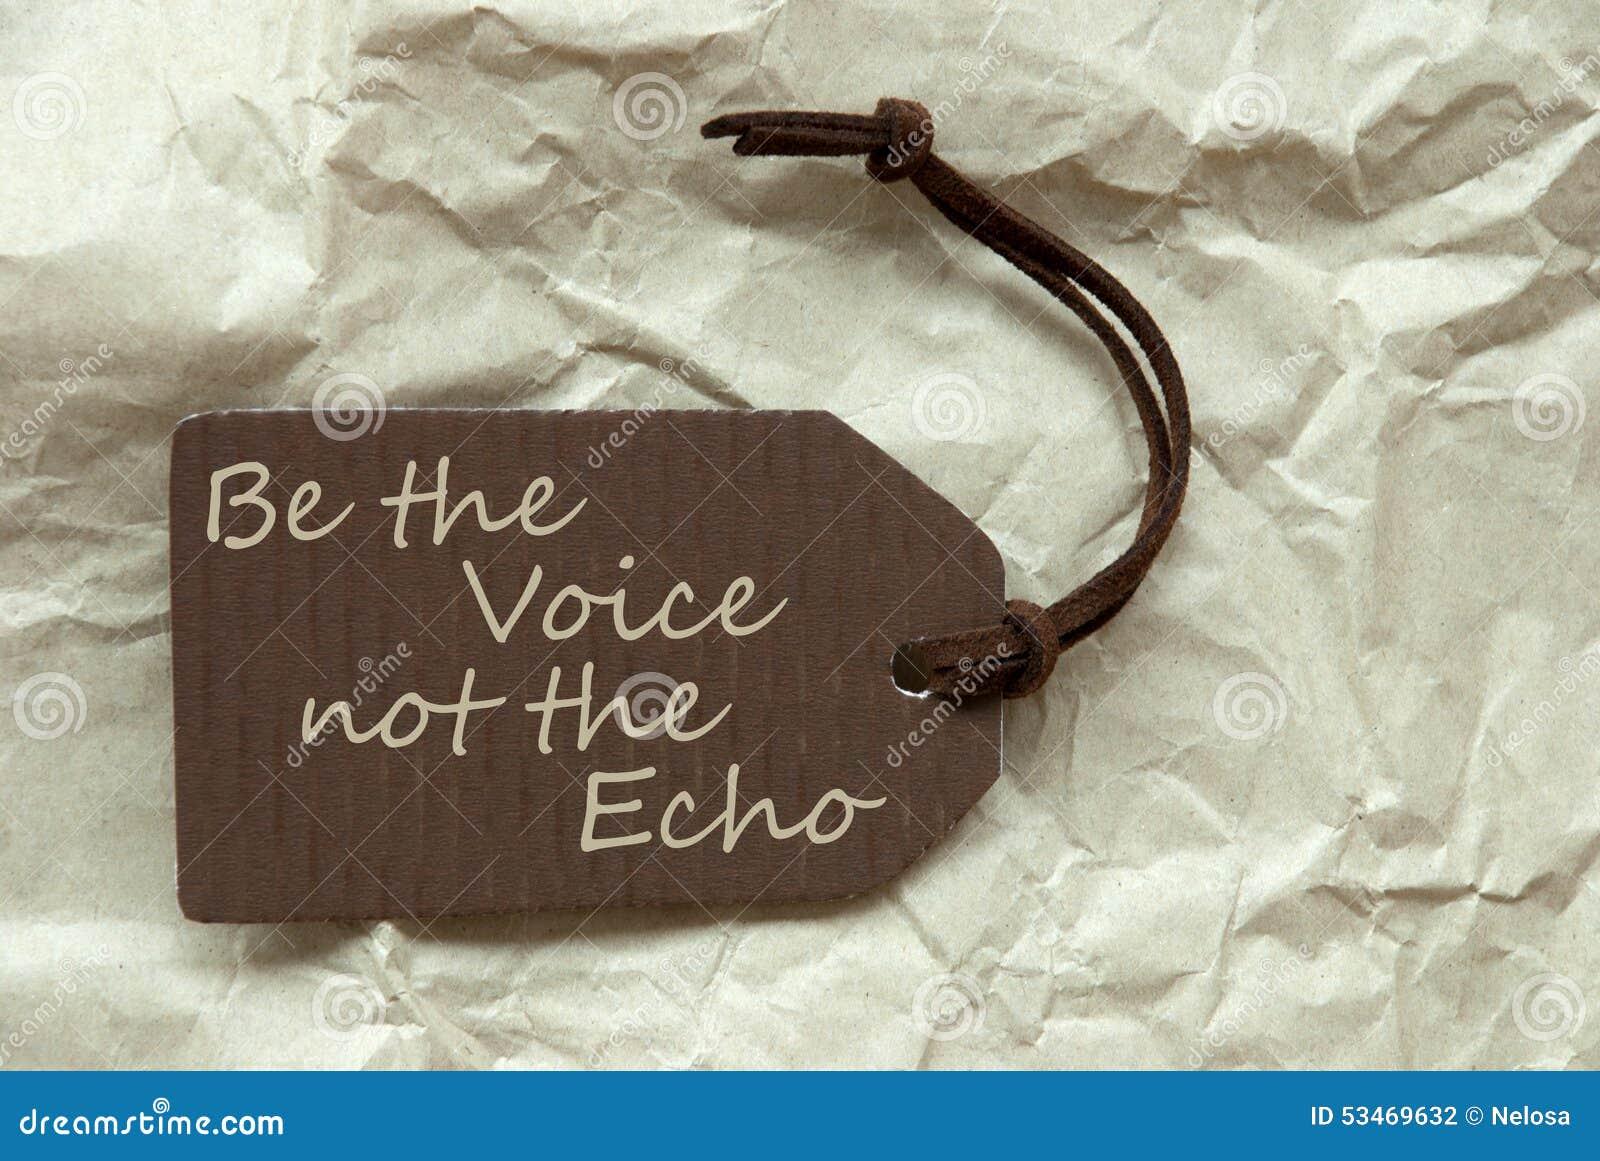 Etiqueta de Brown com voz Echo Paper Background das citações